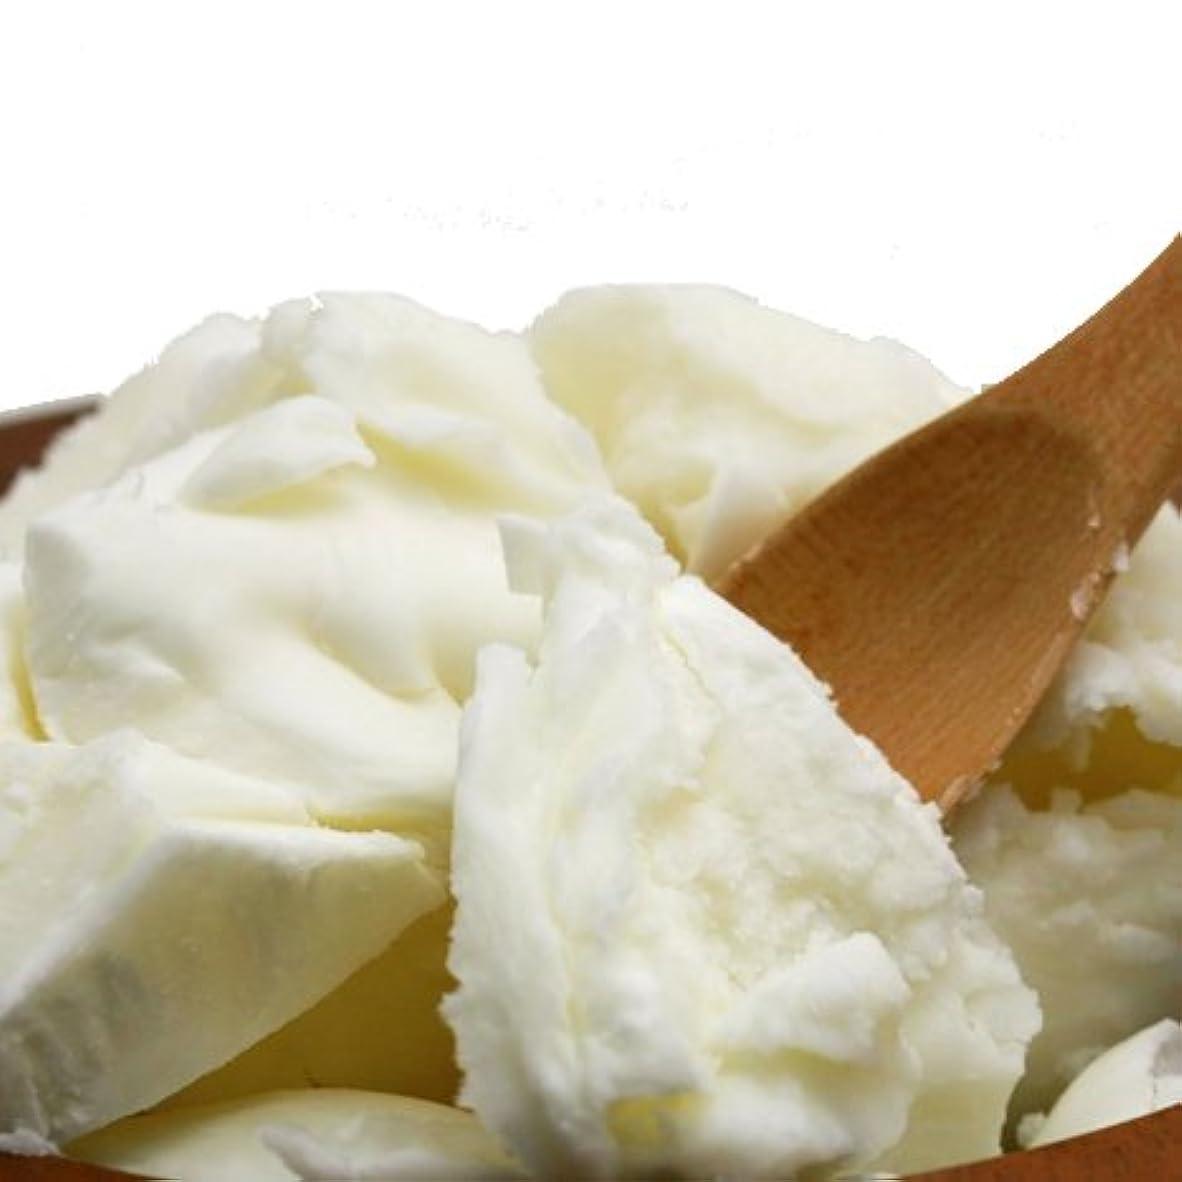 支店倒錯ふりをするオーガニック 精製シアバター 500g シア脂 【手作り石鹸/手作りコスメ/手作り化粧品】